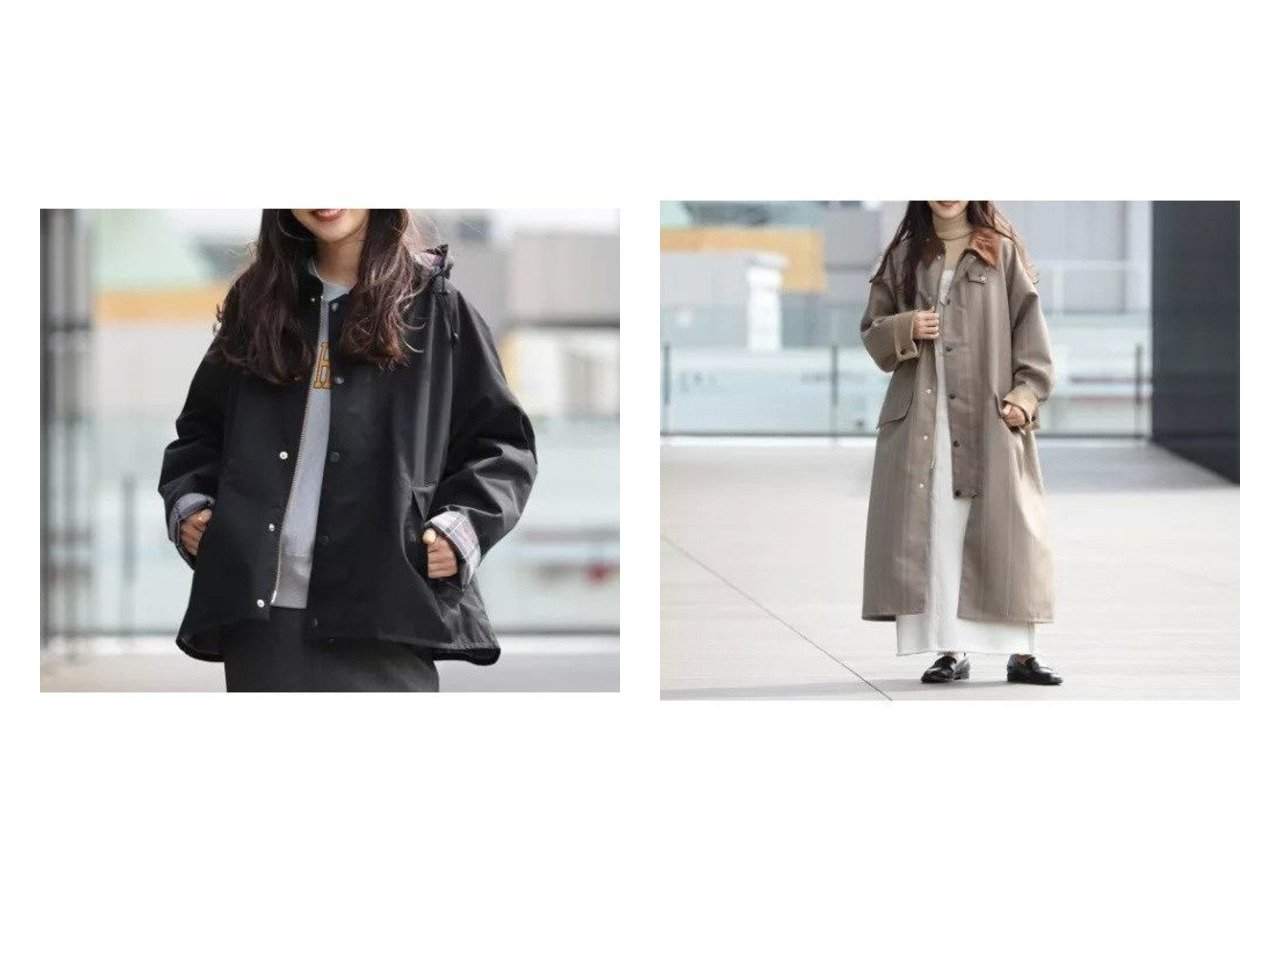 【Demi-Luxe BEAMS/デミルクス ビームス】の別注 OS BURGHLEY コート&別注 TRANSPORT ブルゾン 【アウター】おすすめ!人気、トレンド・レディースファッションの通販 おすすめで人気の流行・トレンド、ファッションの通販商品 インテリア・家具・メンズファッション・キッズファッション・レディースファッション・服の通販 founy(ファニー) https://founy.com/ ファッション Fashion レディースファッション WOMEN アウター Coat Outerwear ジャケット Jackets ブルゾン Blouson/Jackets コート Coats アウトドア ジャケット スリーブ チェック 人気 ブルゾン 別注 クラシカル コーデュロイ ストライプ フラップ フロント ポケット モダン |ID:crp329100000060281